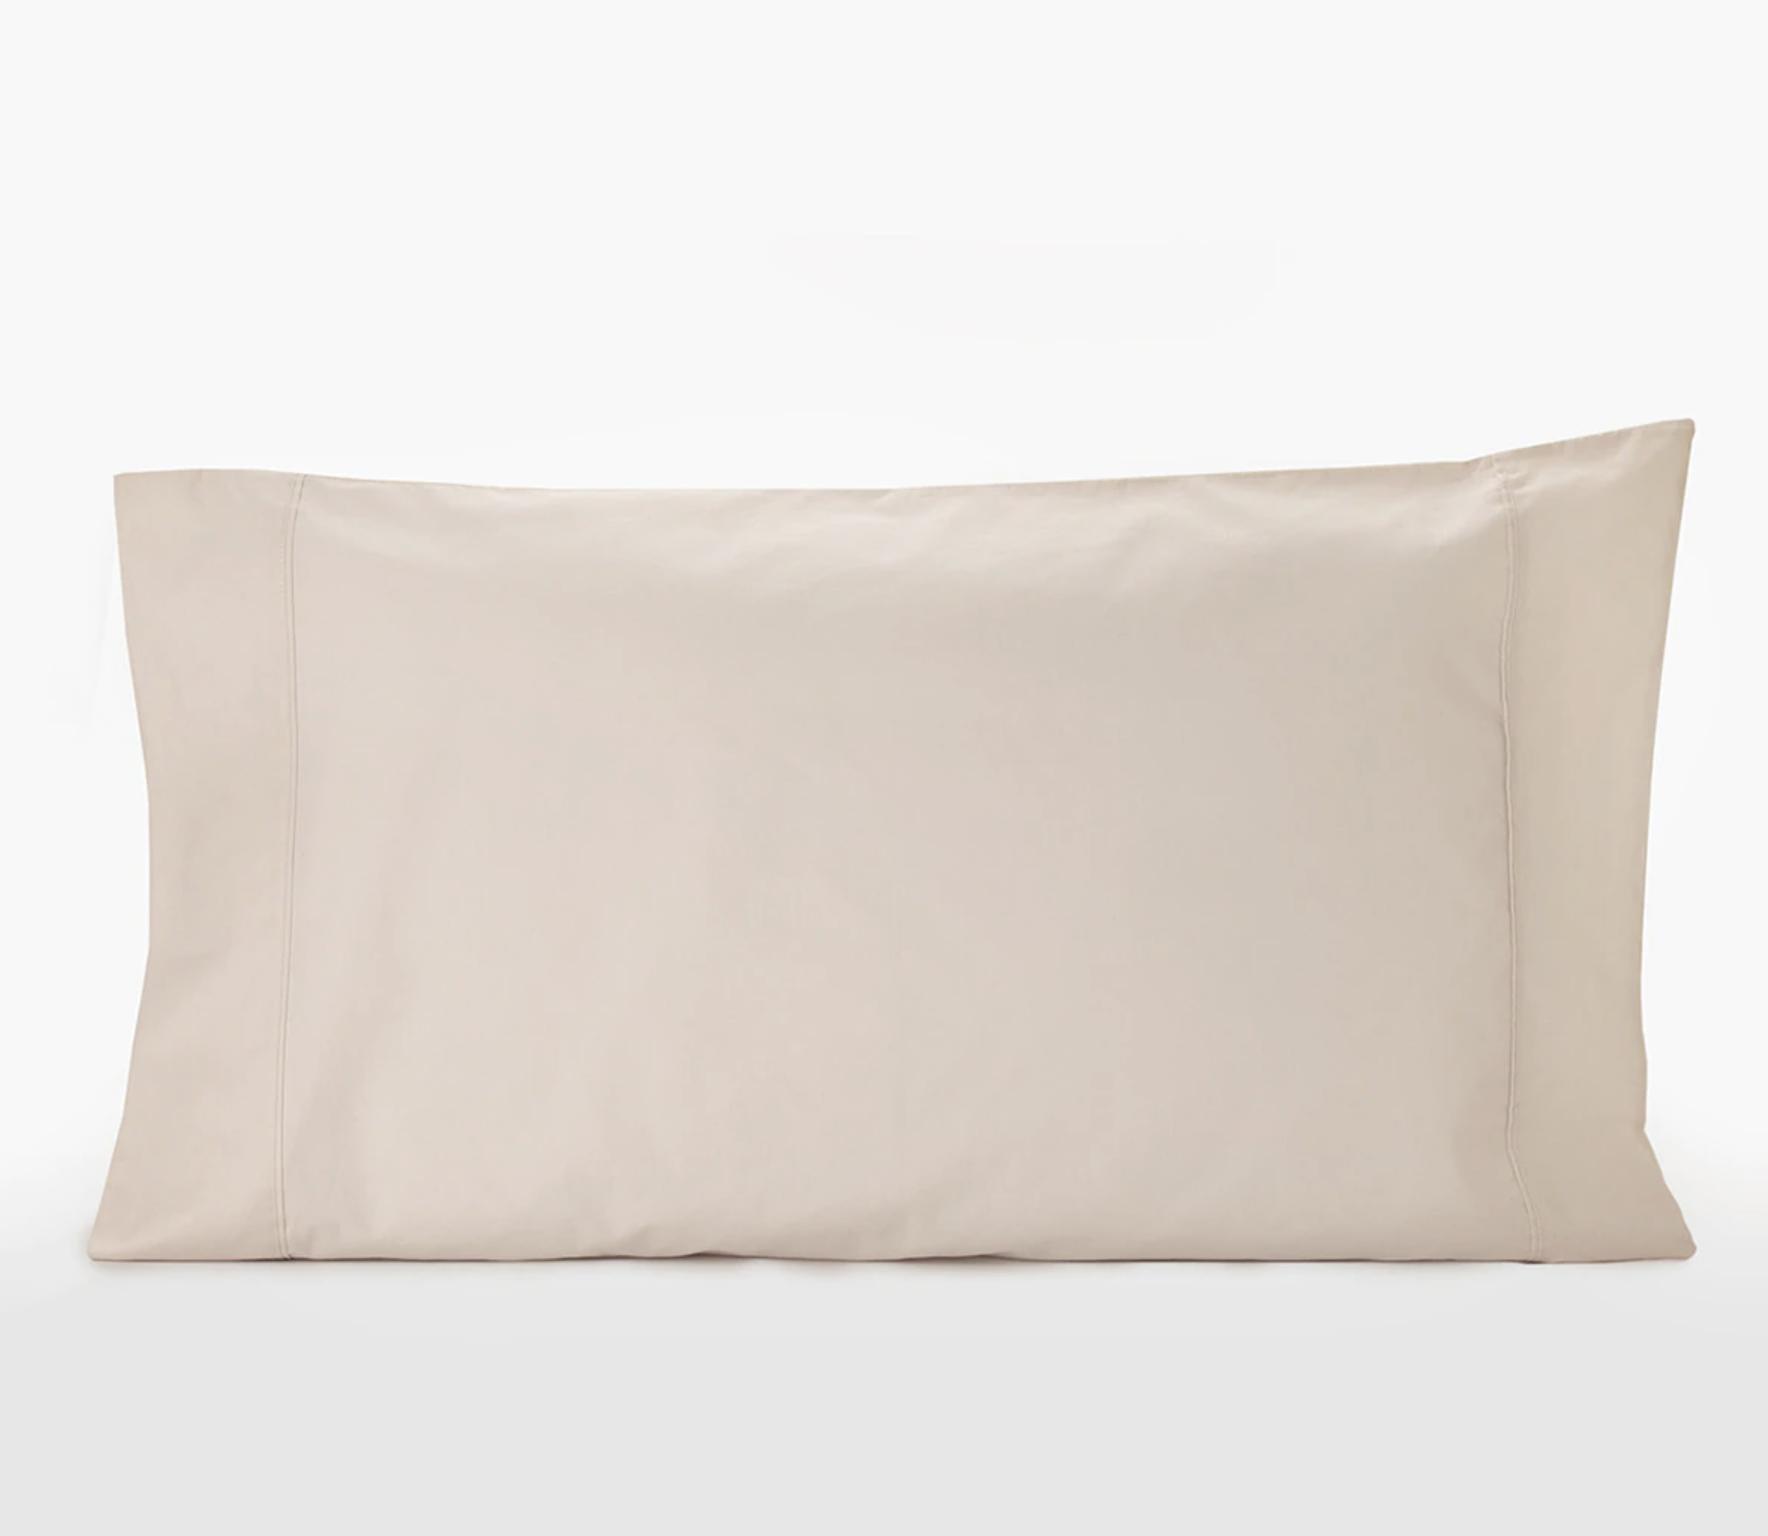 Funda de almohada algodón orgánico arena 300 hilos Sheridan